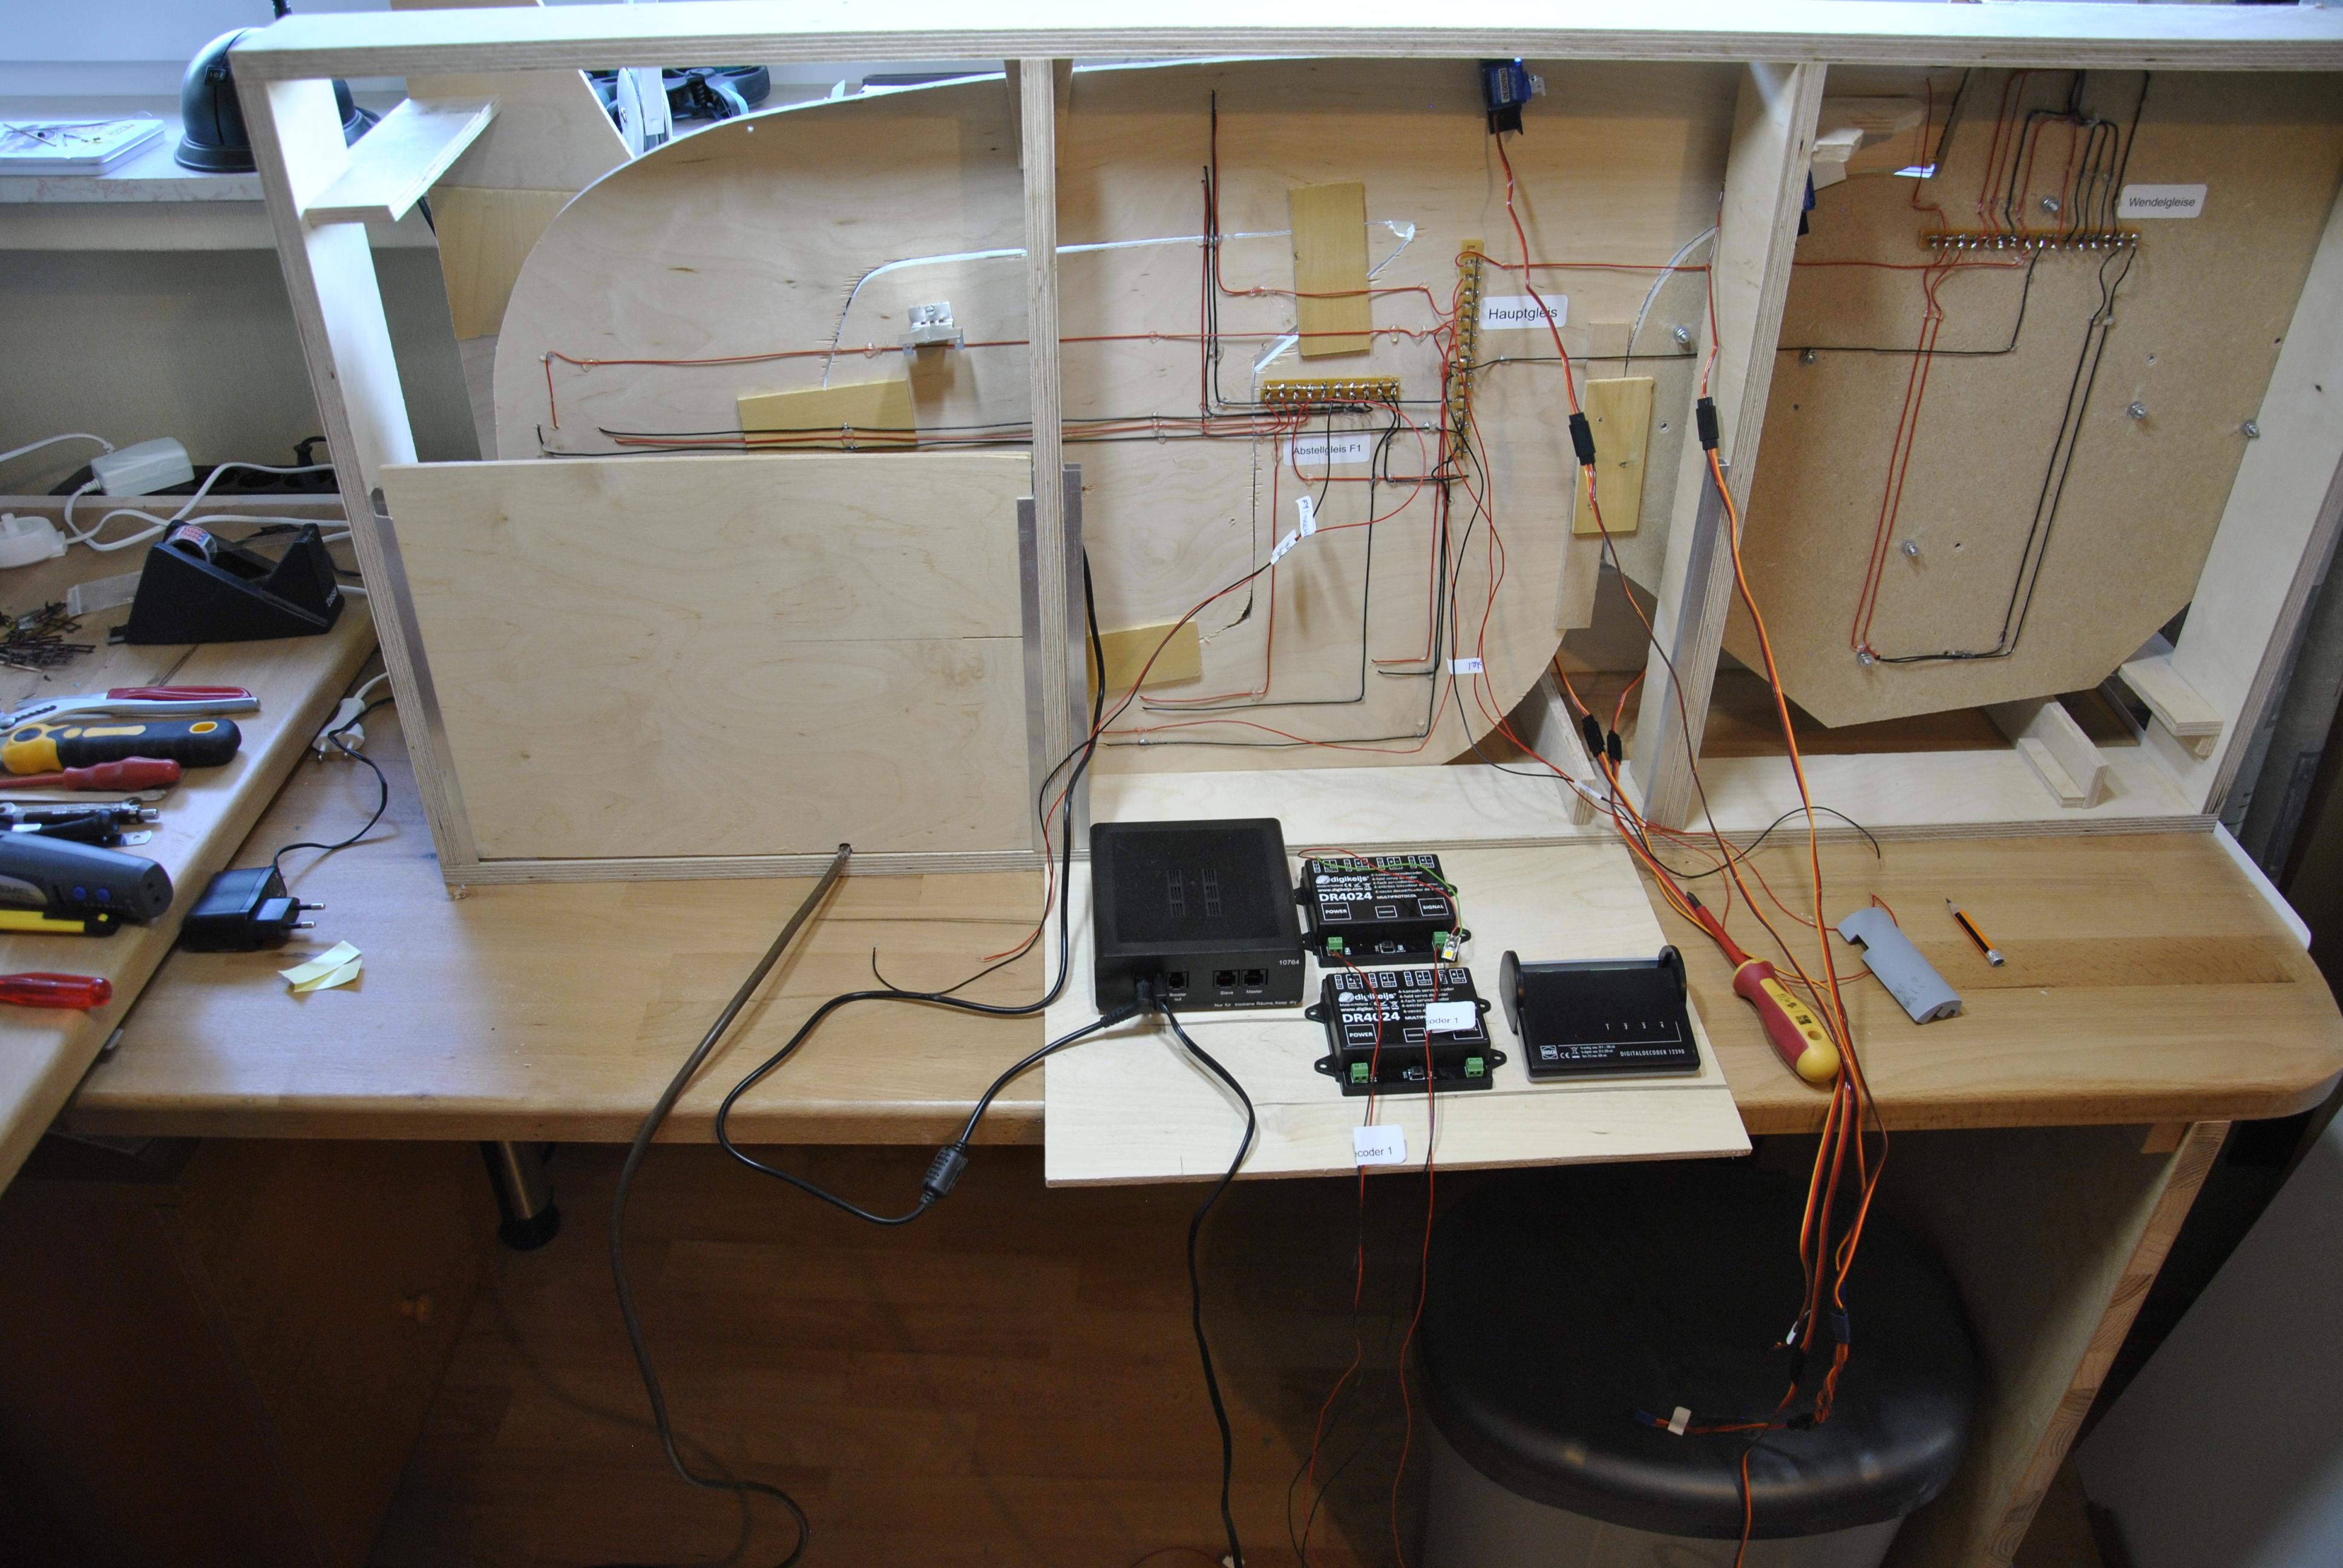 Elektronik eingeklappt